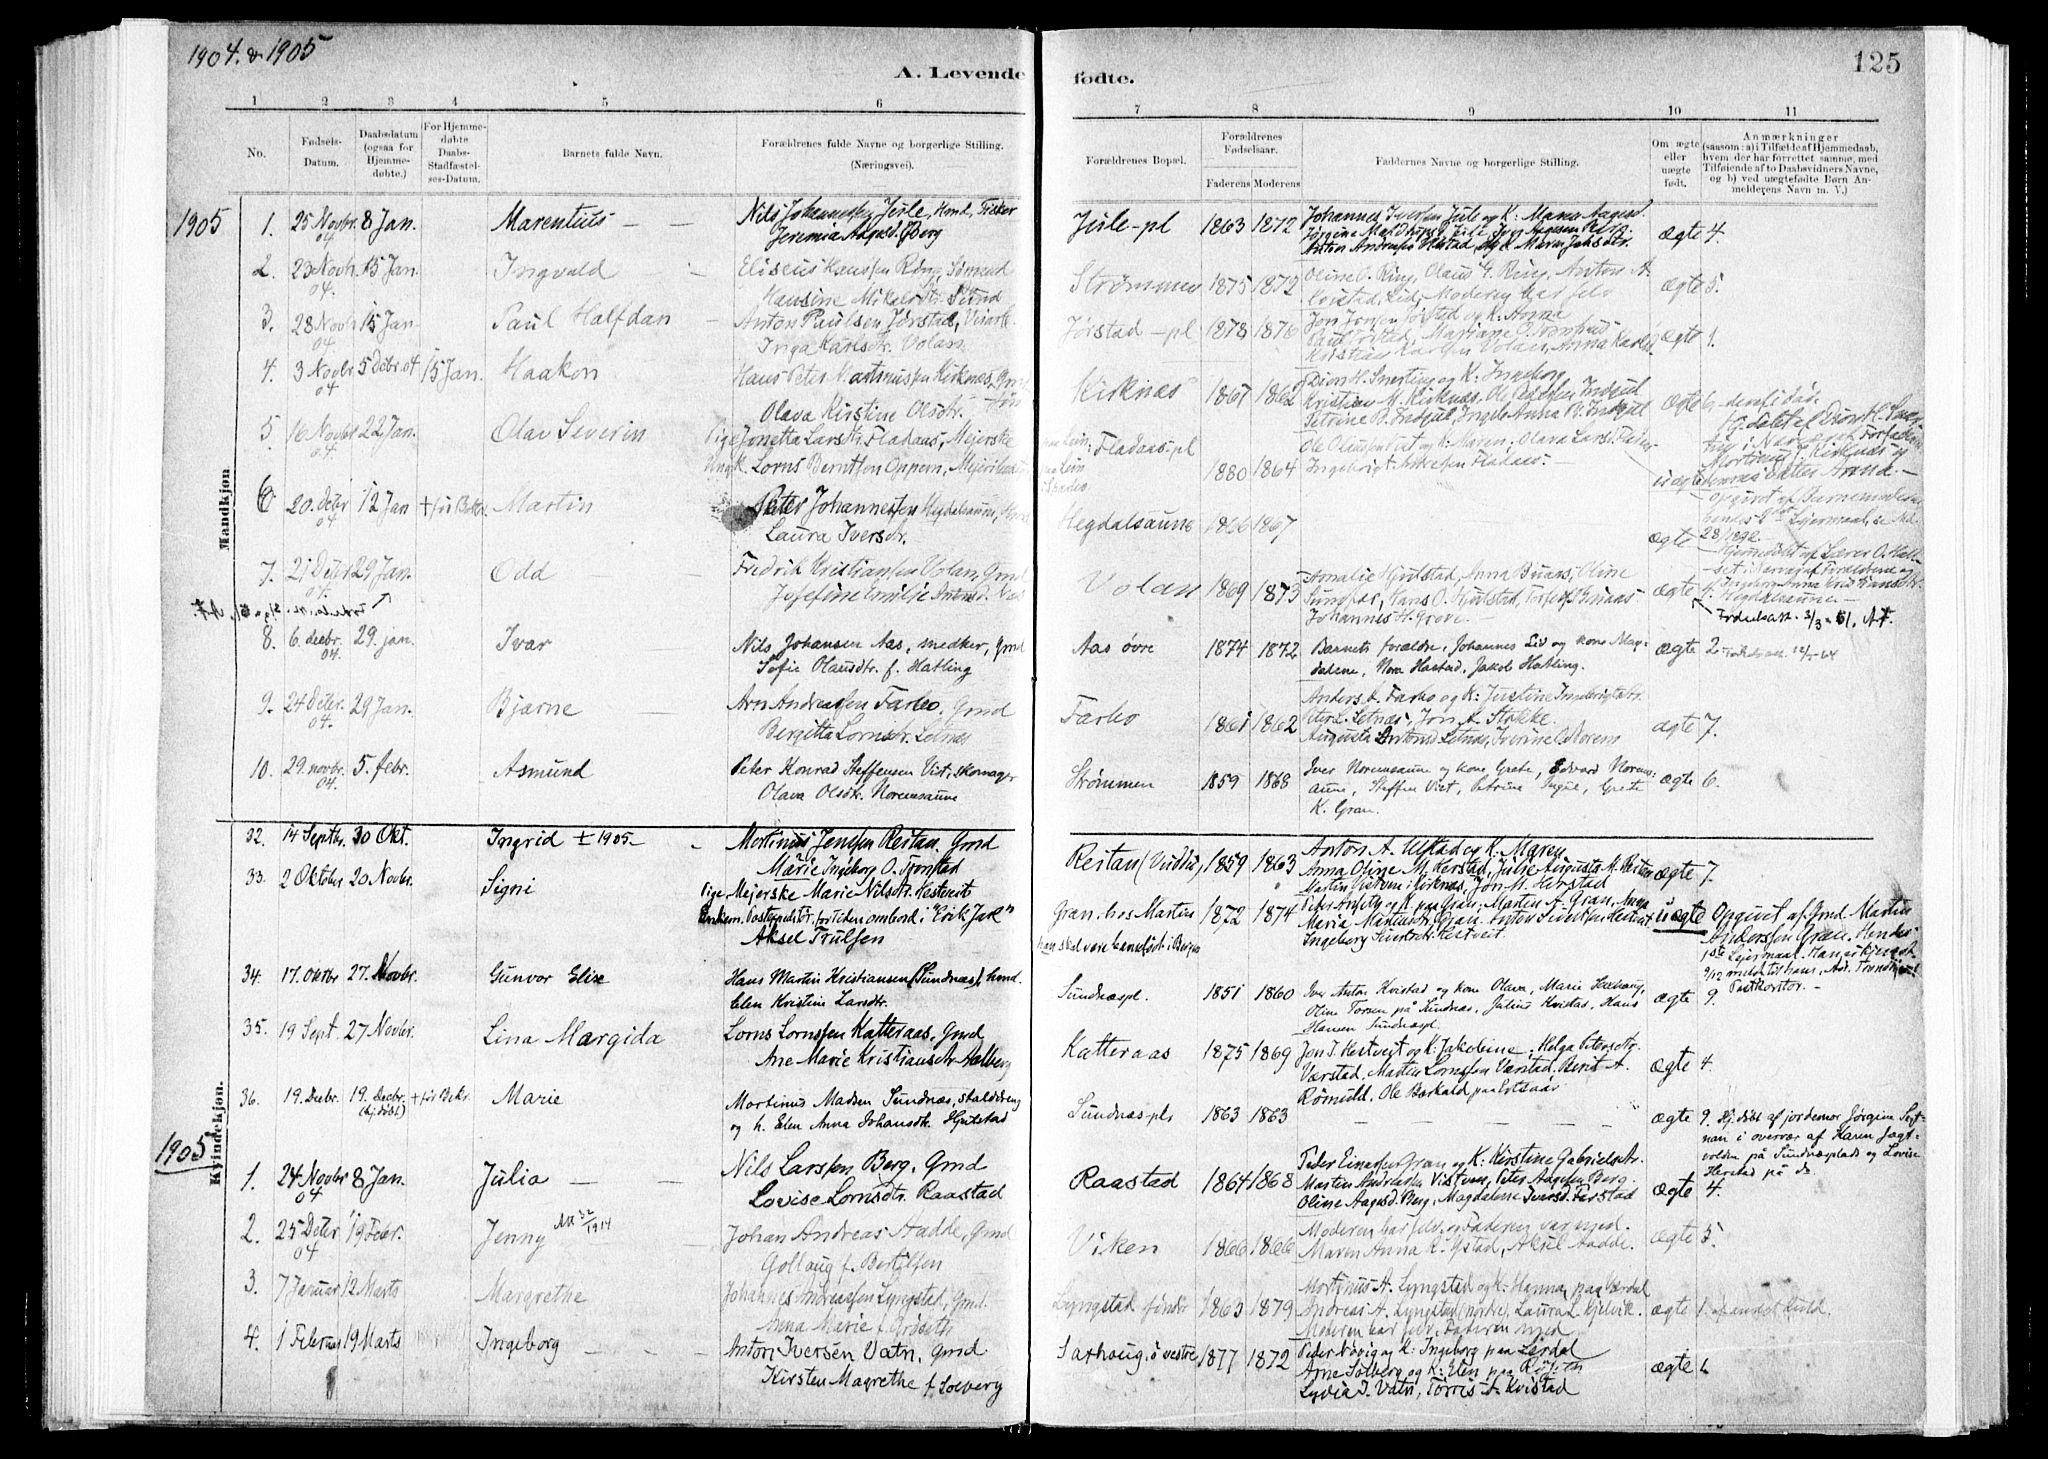 SAT, Ministerialprotokoller, klokkerbøker og fødselsregistre - Nord-Trøndelag, 730/L0285: Ministerialbok nr. 730A10, 1879-1914, s. 125